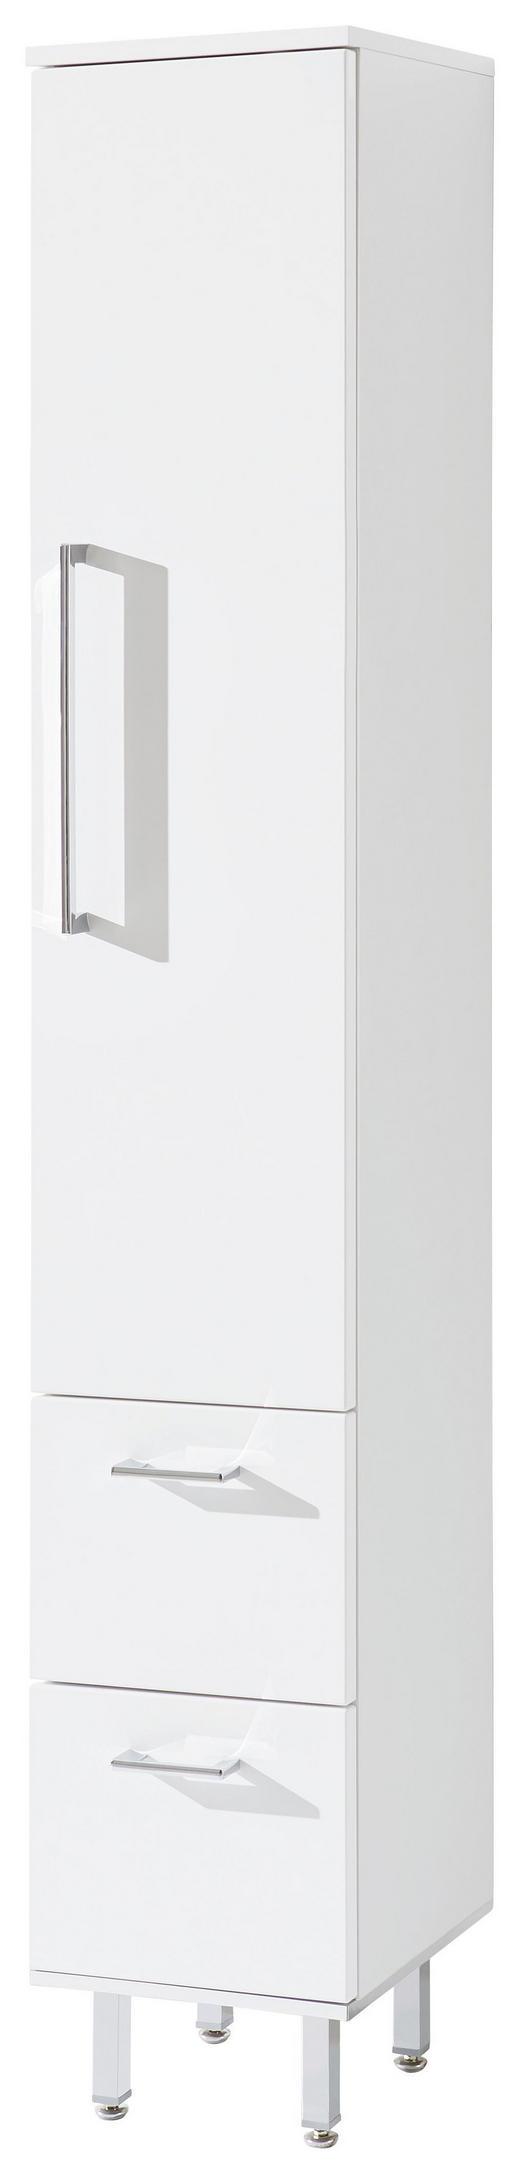 HOCHSCHRANK 30/175/30 cm - Chromfarben/Weiß, Design, Glas/Holzwerkstoff (30/175/30cm) - Novel